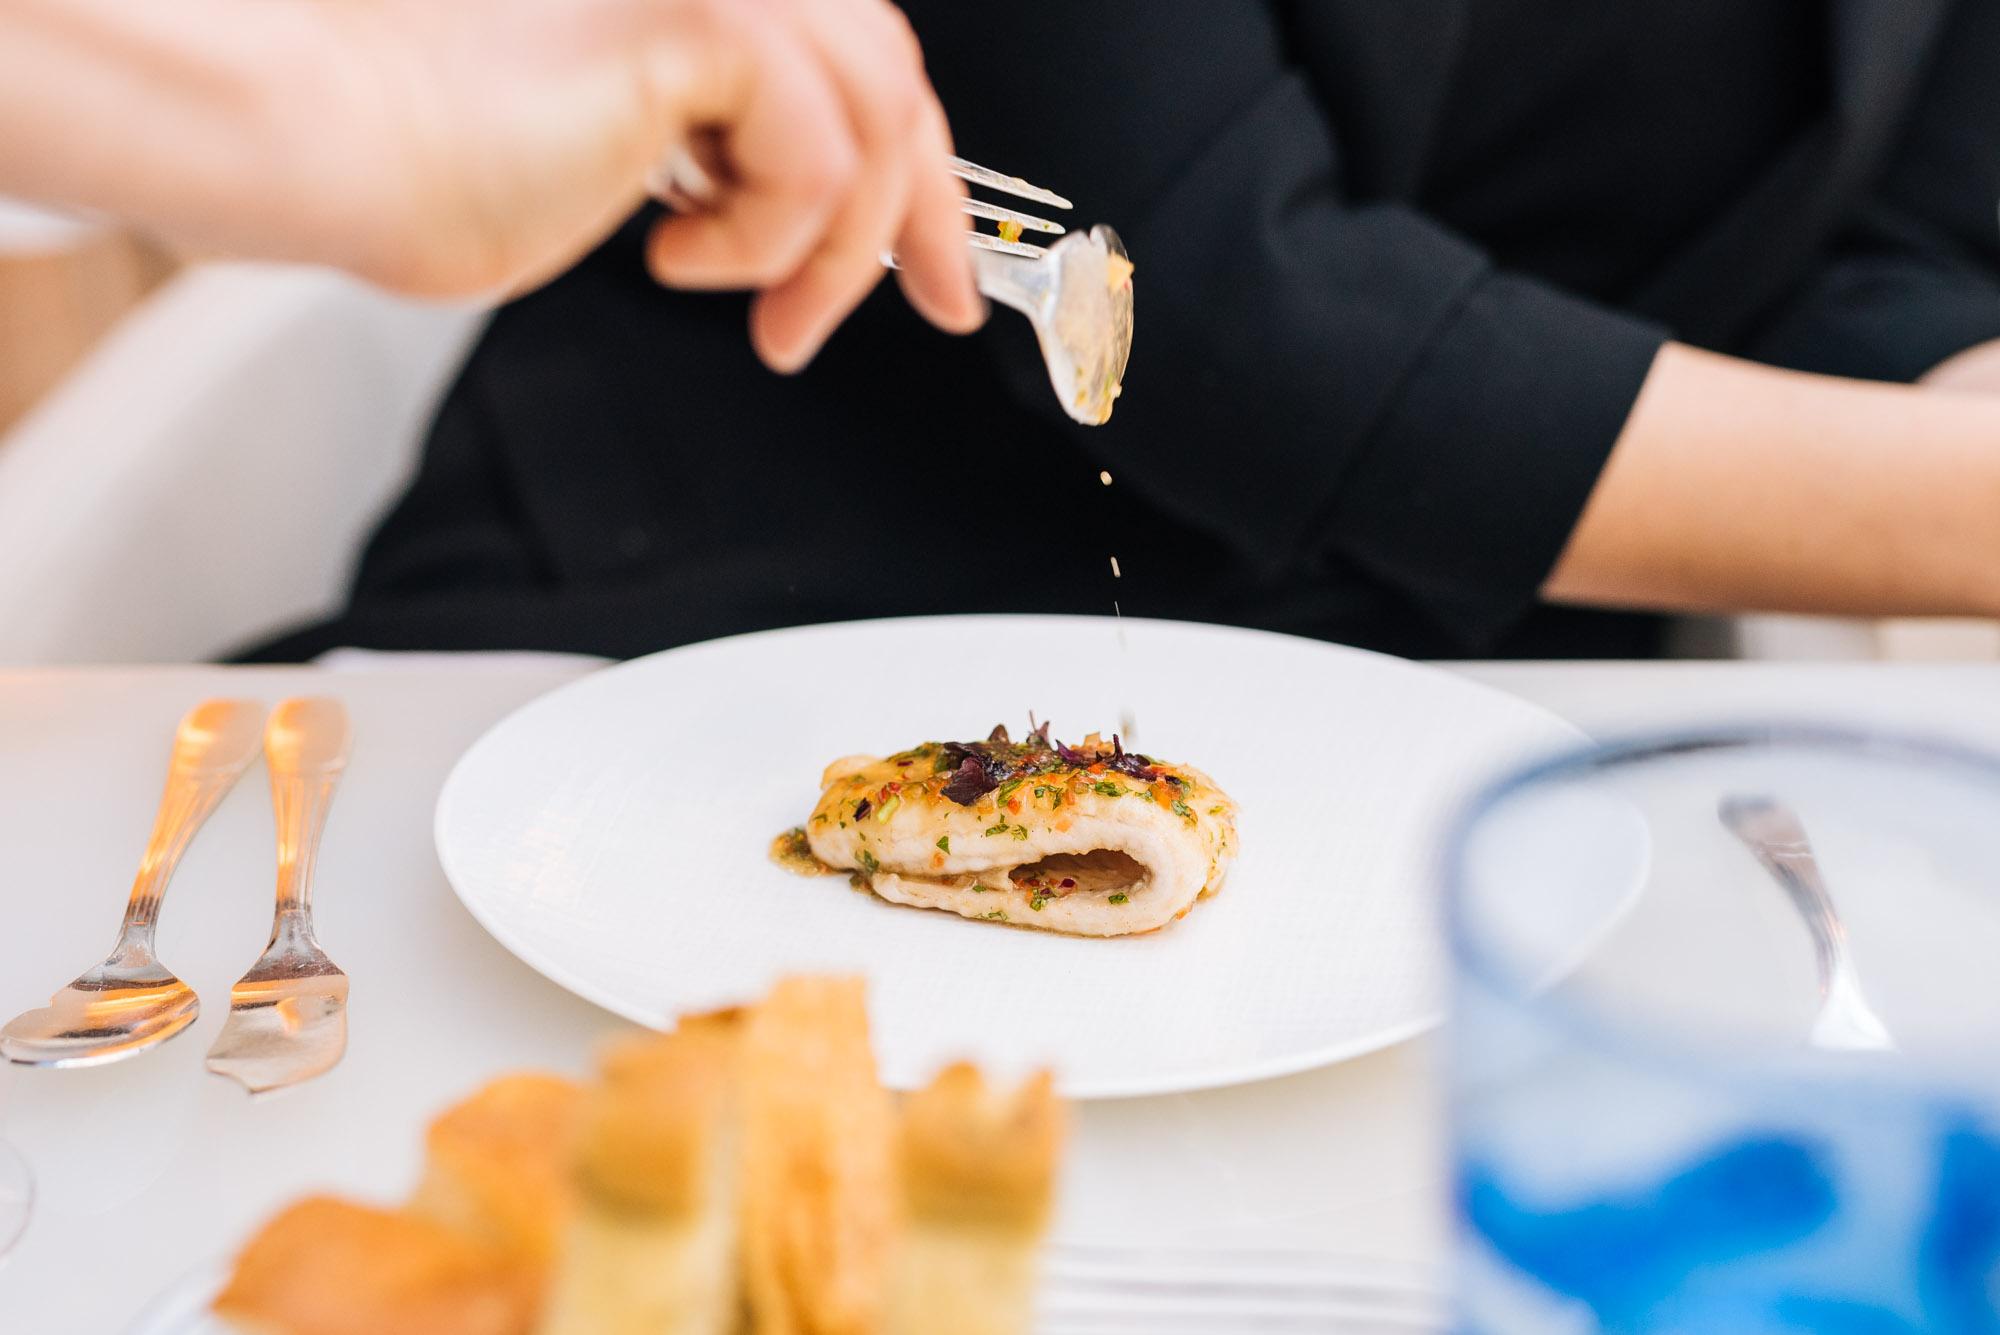 Paris - Four Seasons Hotel George V - Lunch at Le George - Sole rôtie, sauce vinaigrée au basilic et légumes